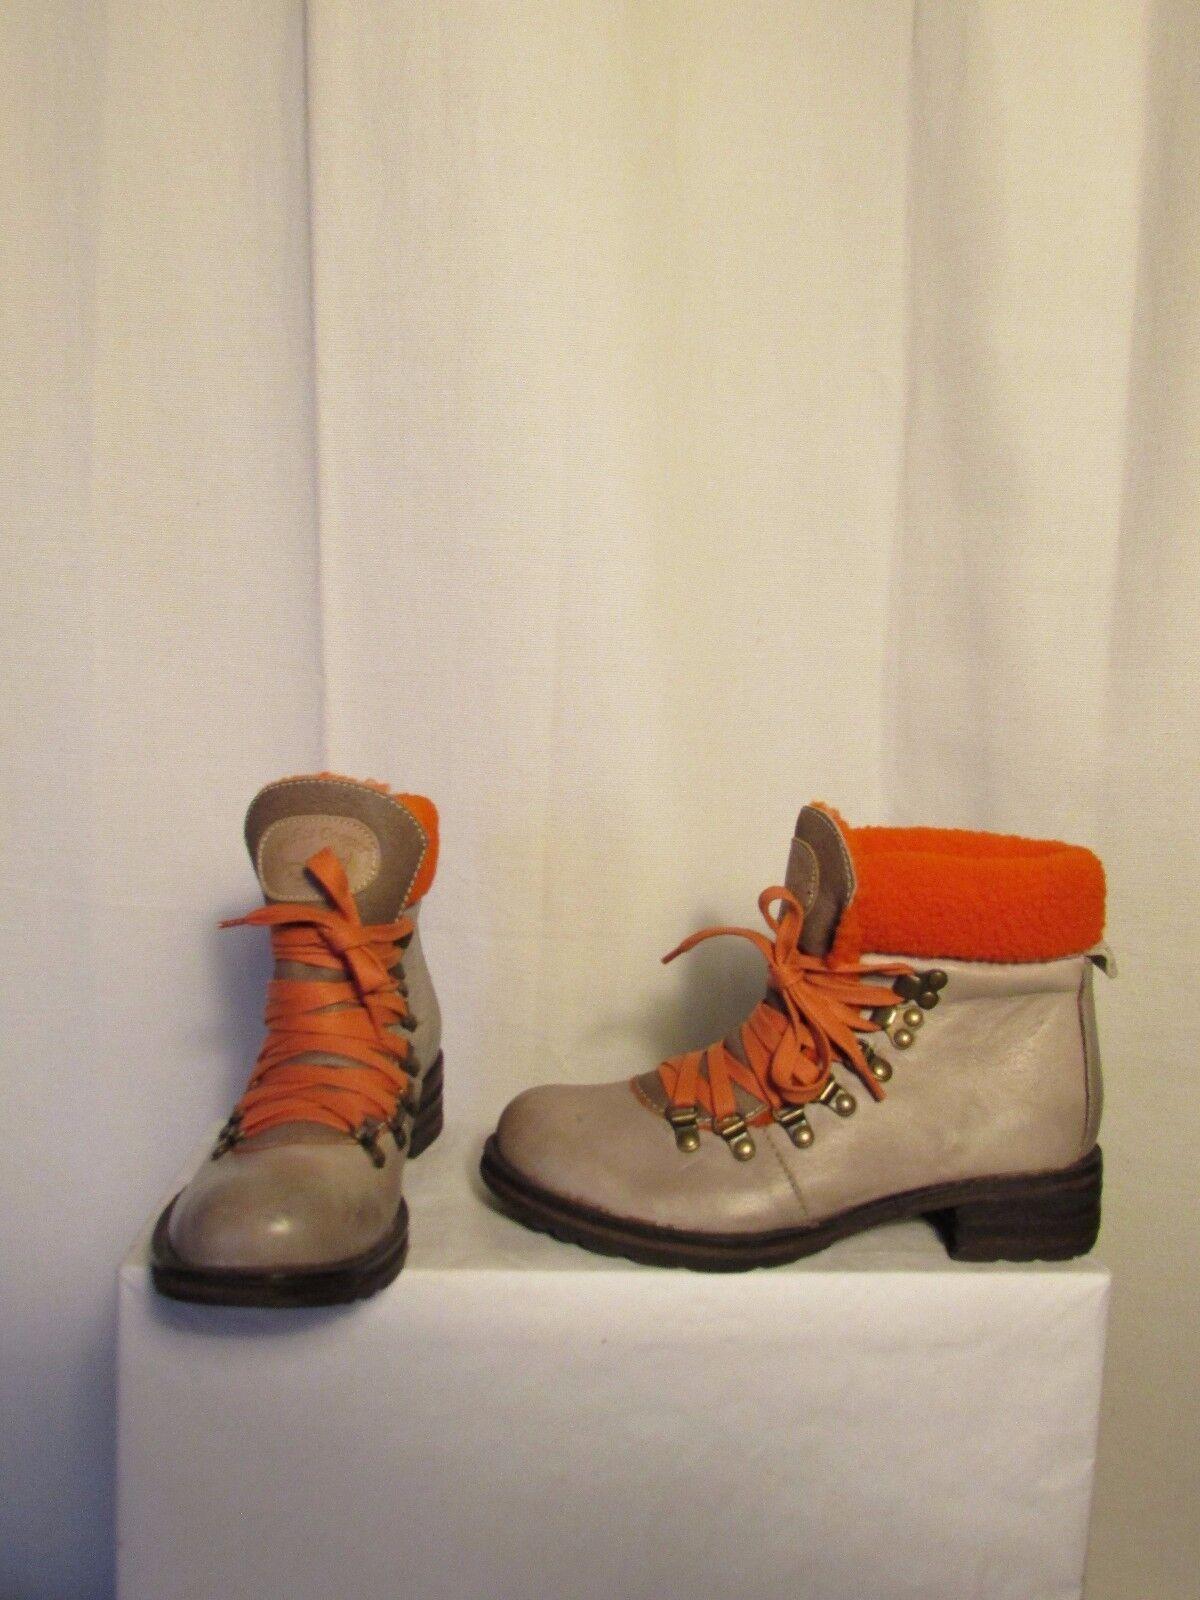 stivali/stivali CANDICE COOPER mastic pelle grigio tirante sulla mastic COOPER e lana d471bd